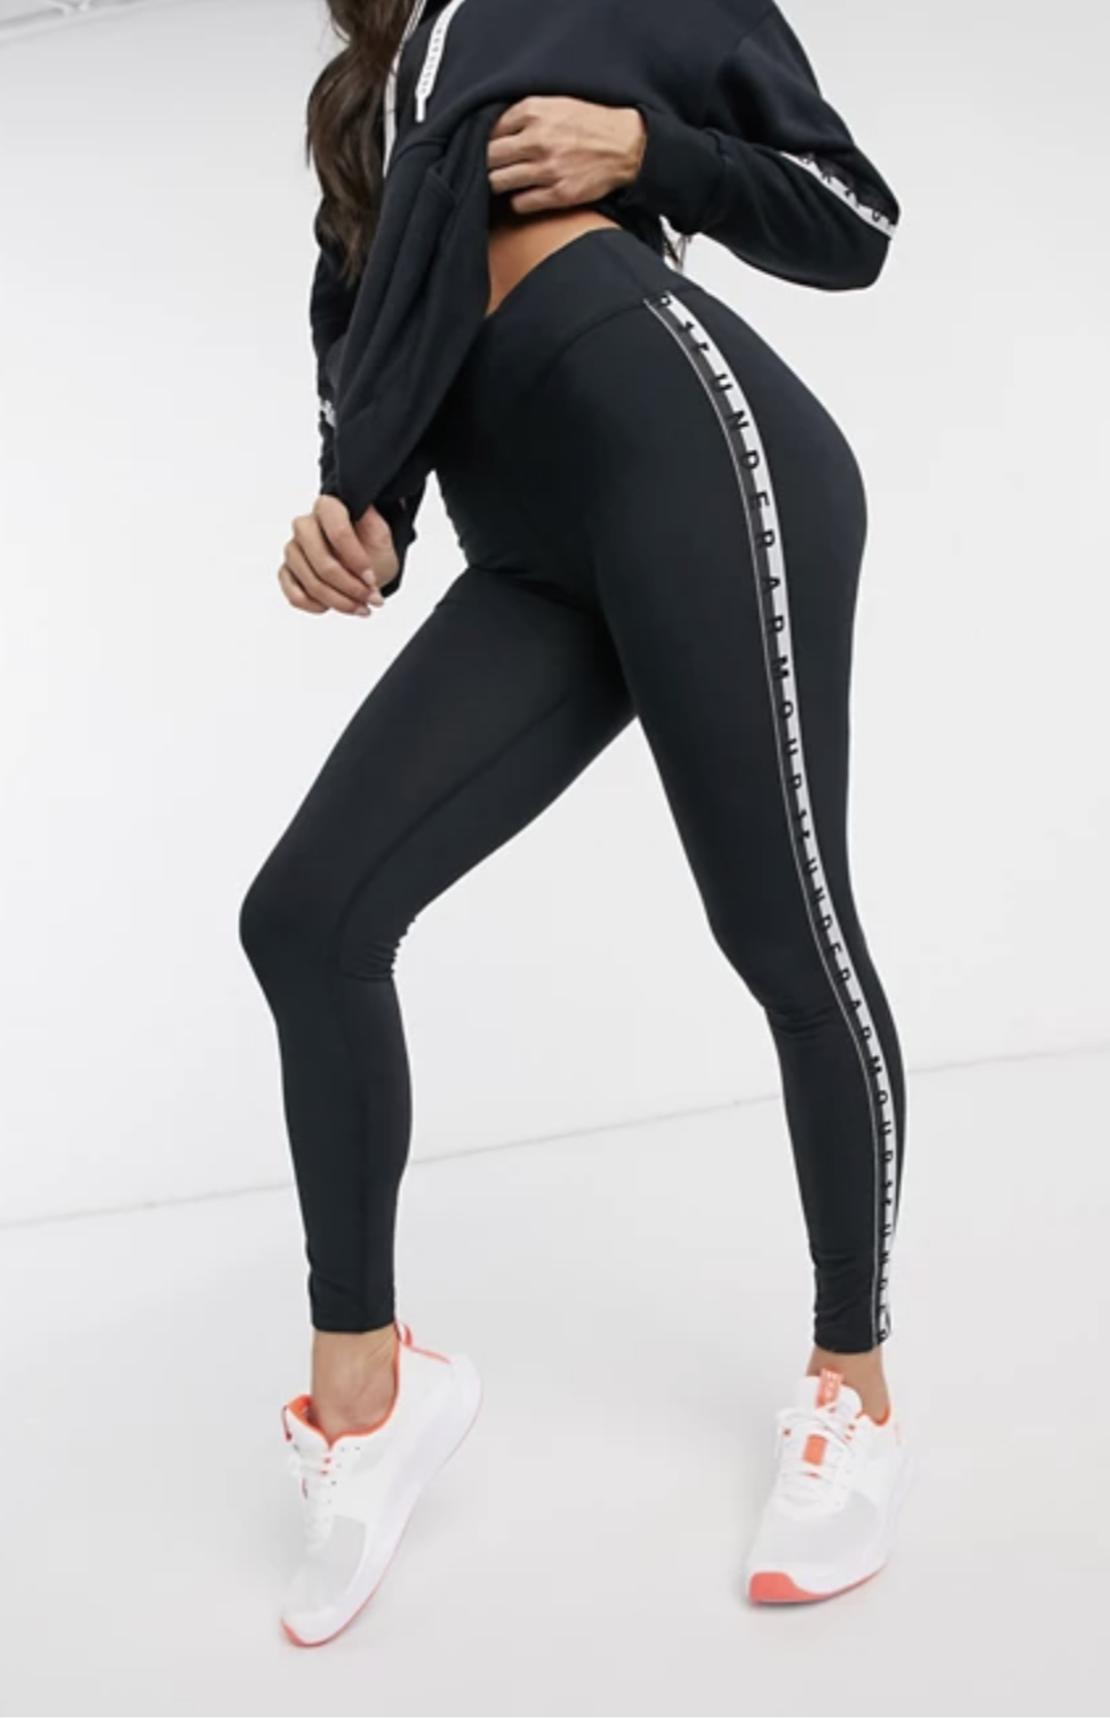 טייץ אנדר ארמור נשים | Under Armour Favorite Branded Leggings